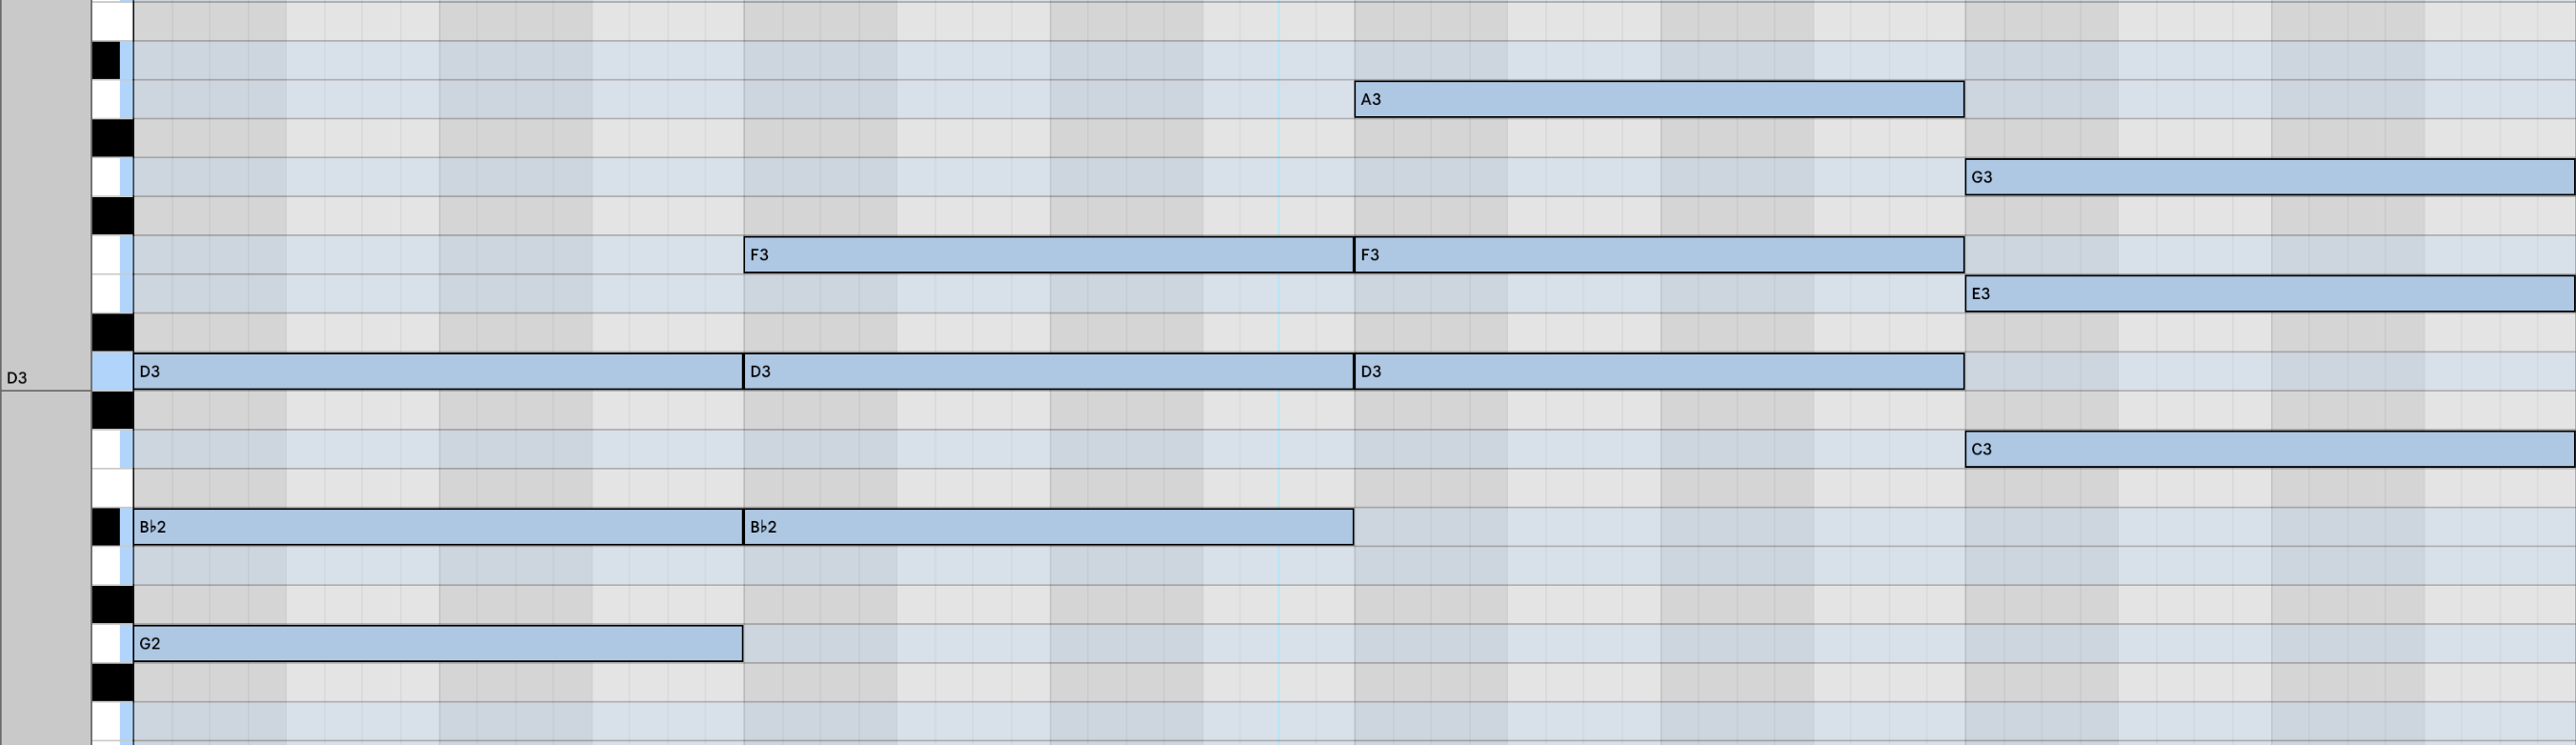 chord progression (iv VI v VII)